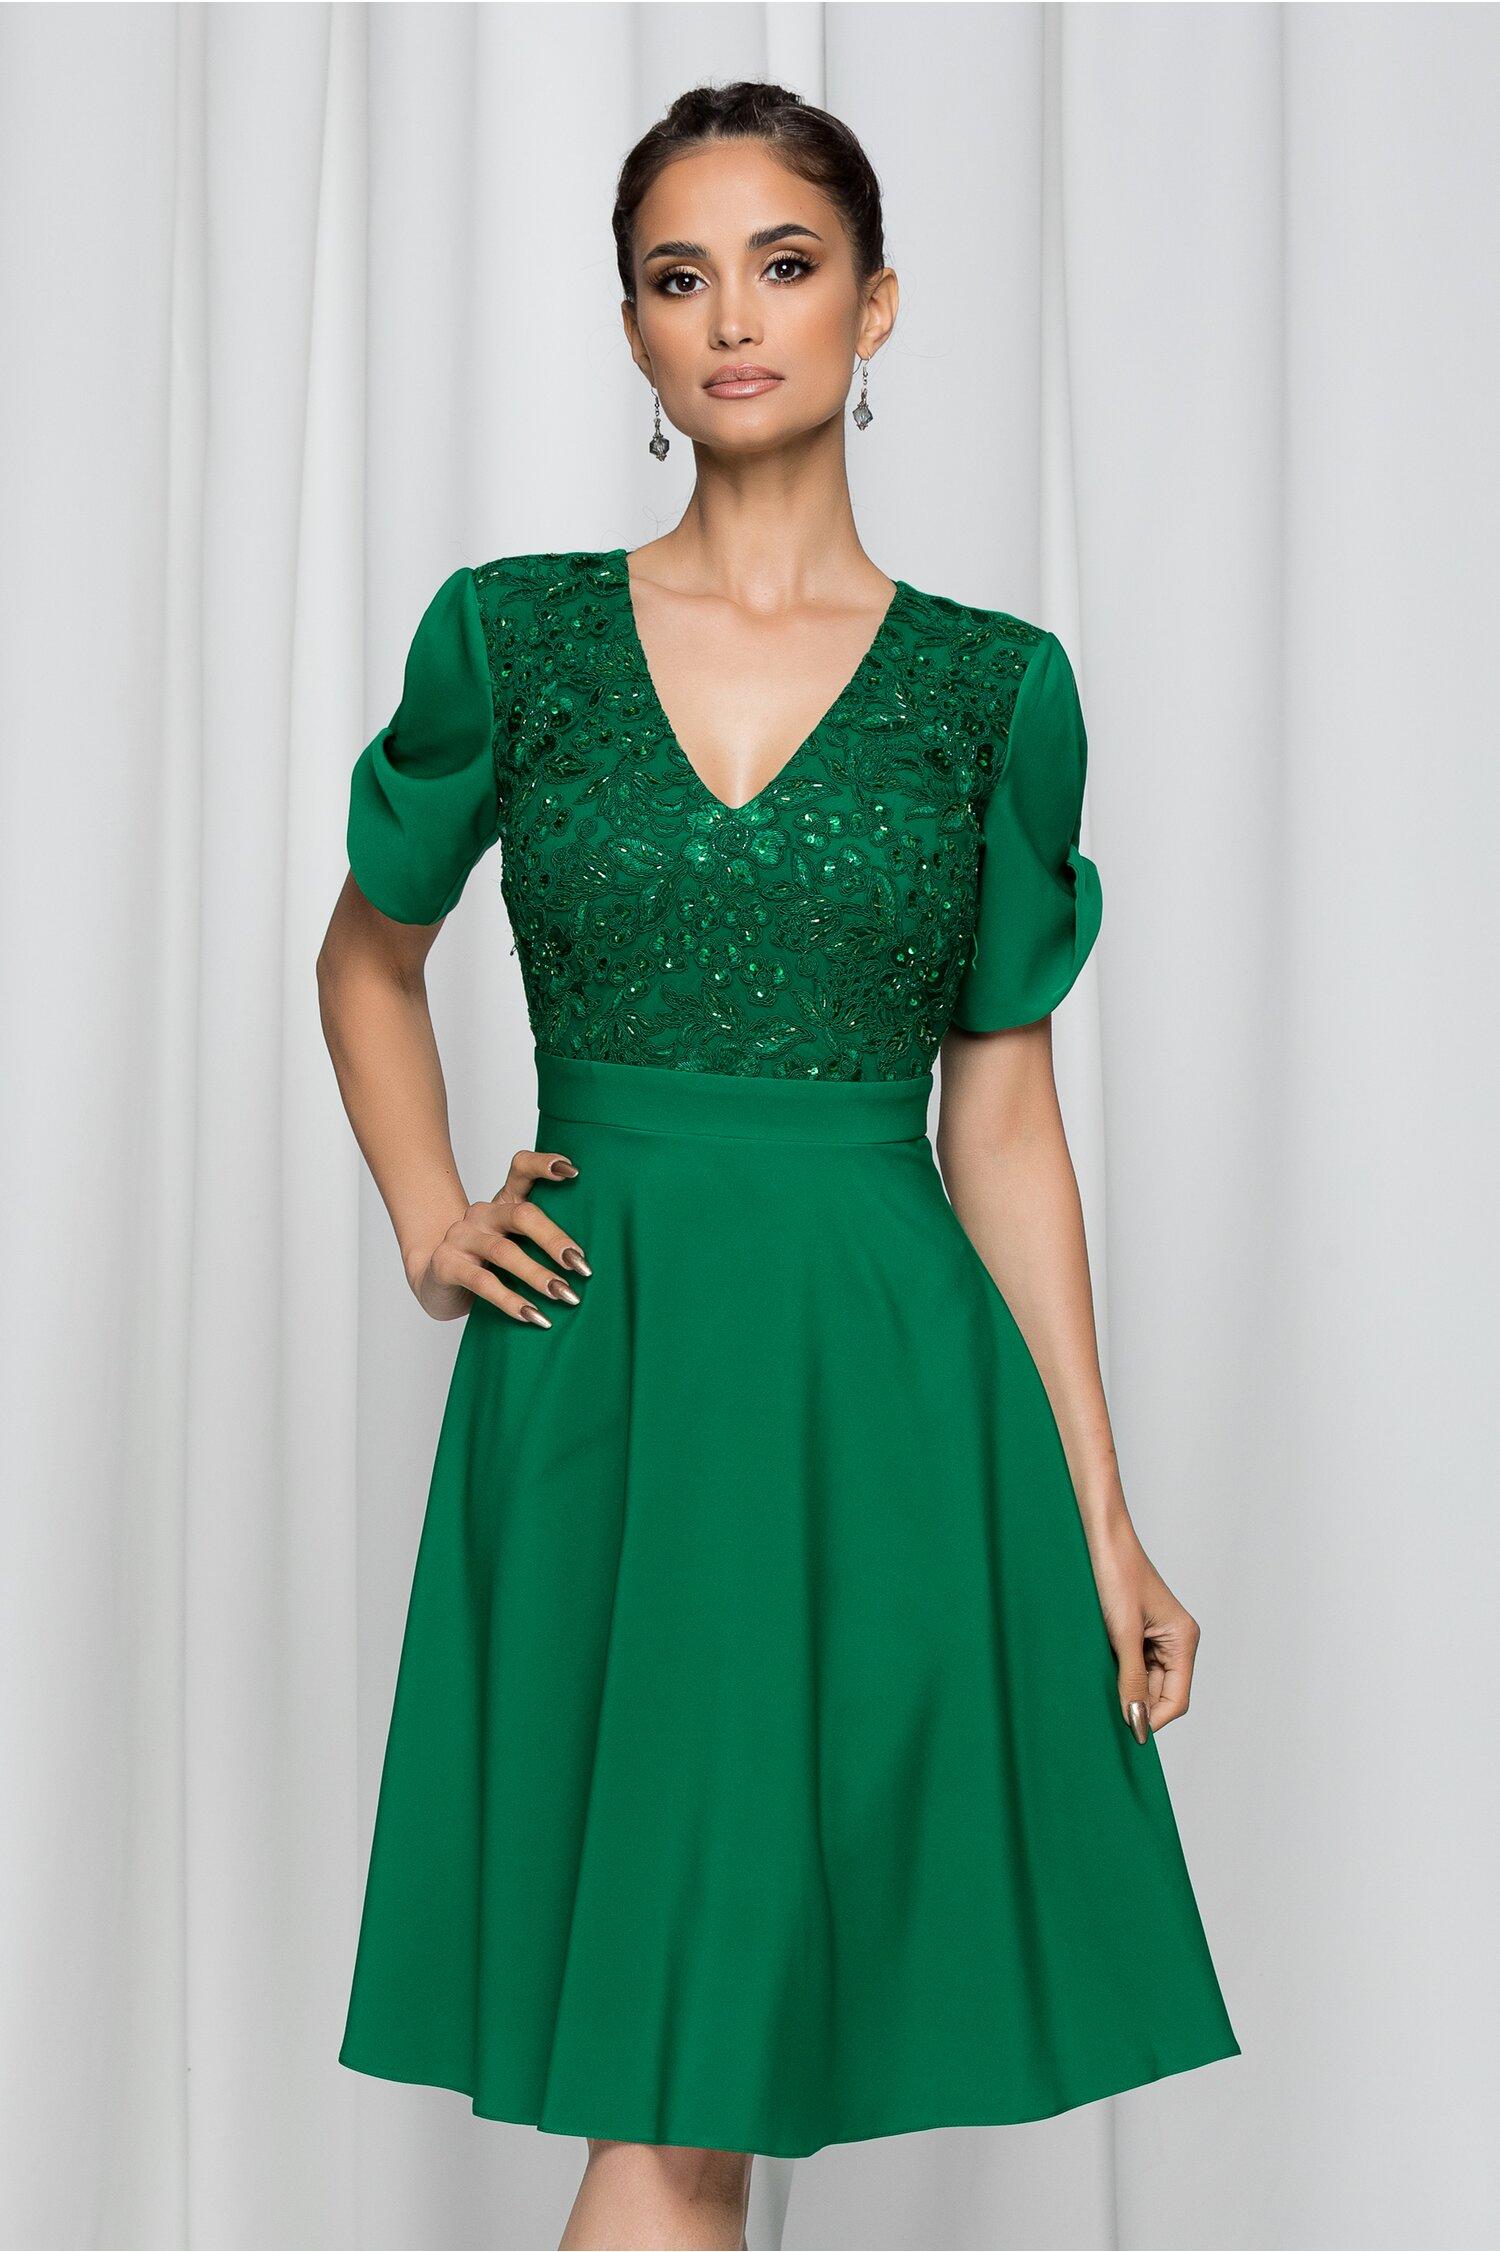 Rochie LaDonna verde decorata cu paiete si broderie la bust